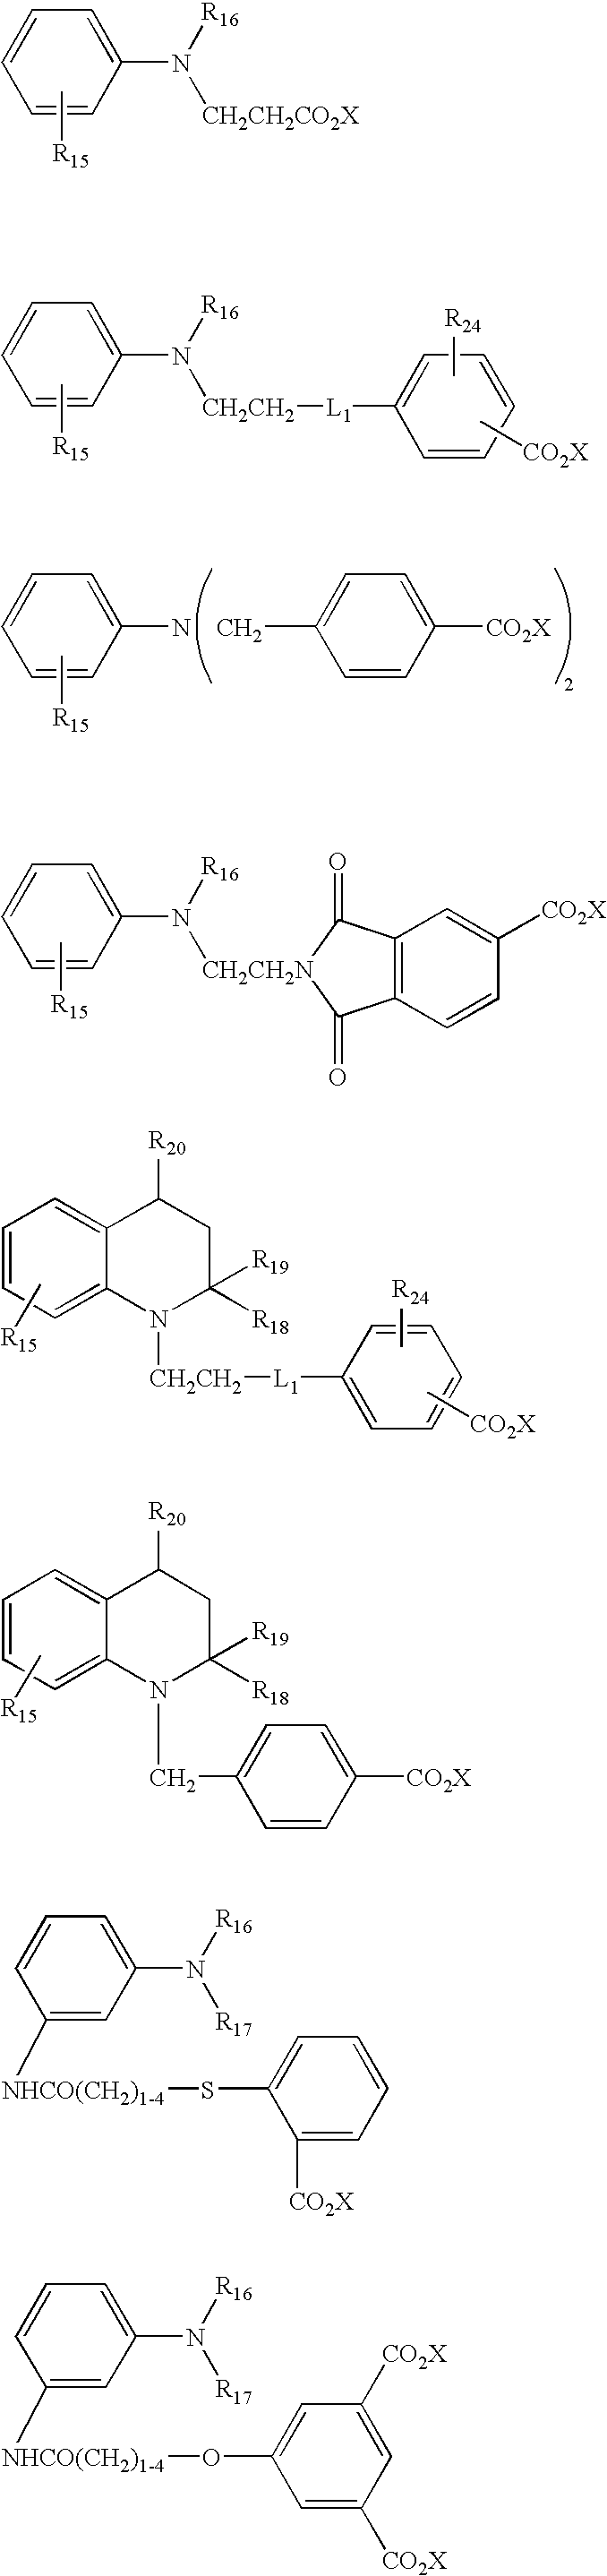 Figure US07138539-20061121-C00036